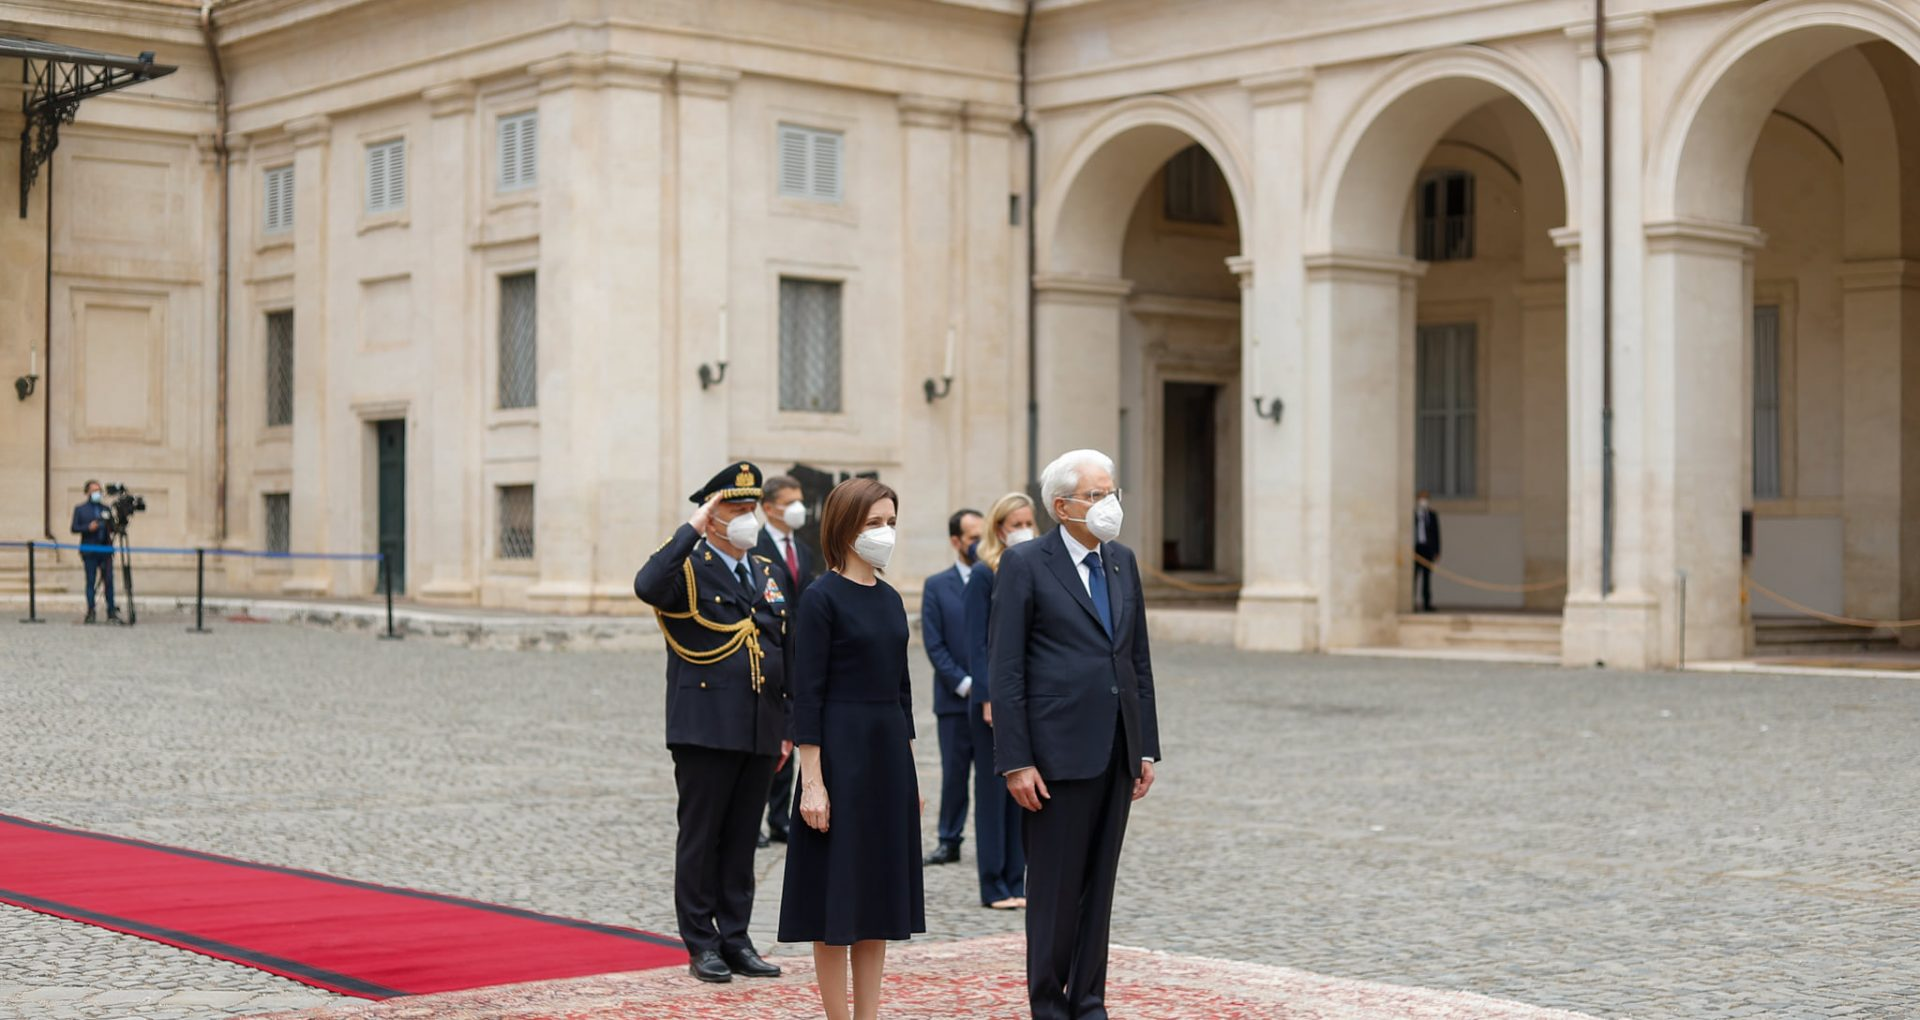 VIDEO, FOTO/ Președinta Maia Sandu a avut o întrevedere cu președintele Republicii Italiene, în cadrul vizitei oficiale la Roma